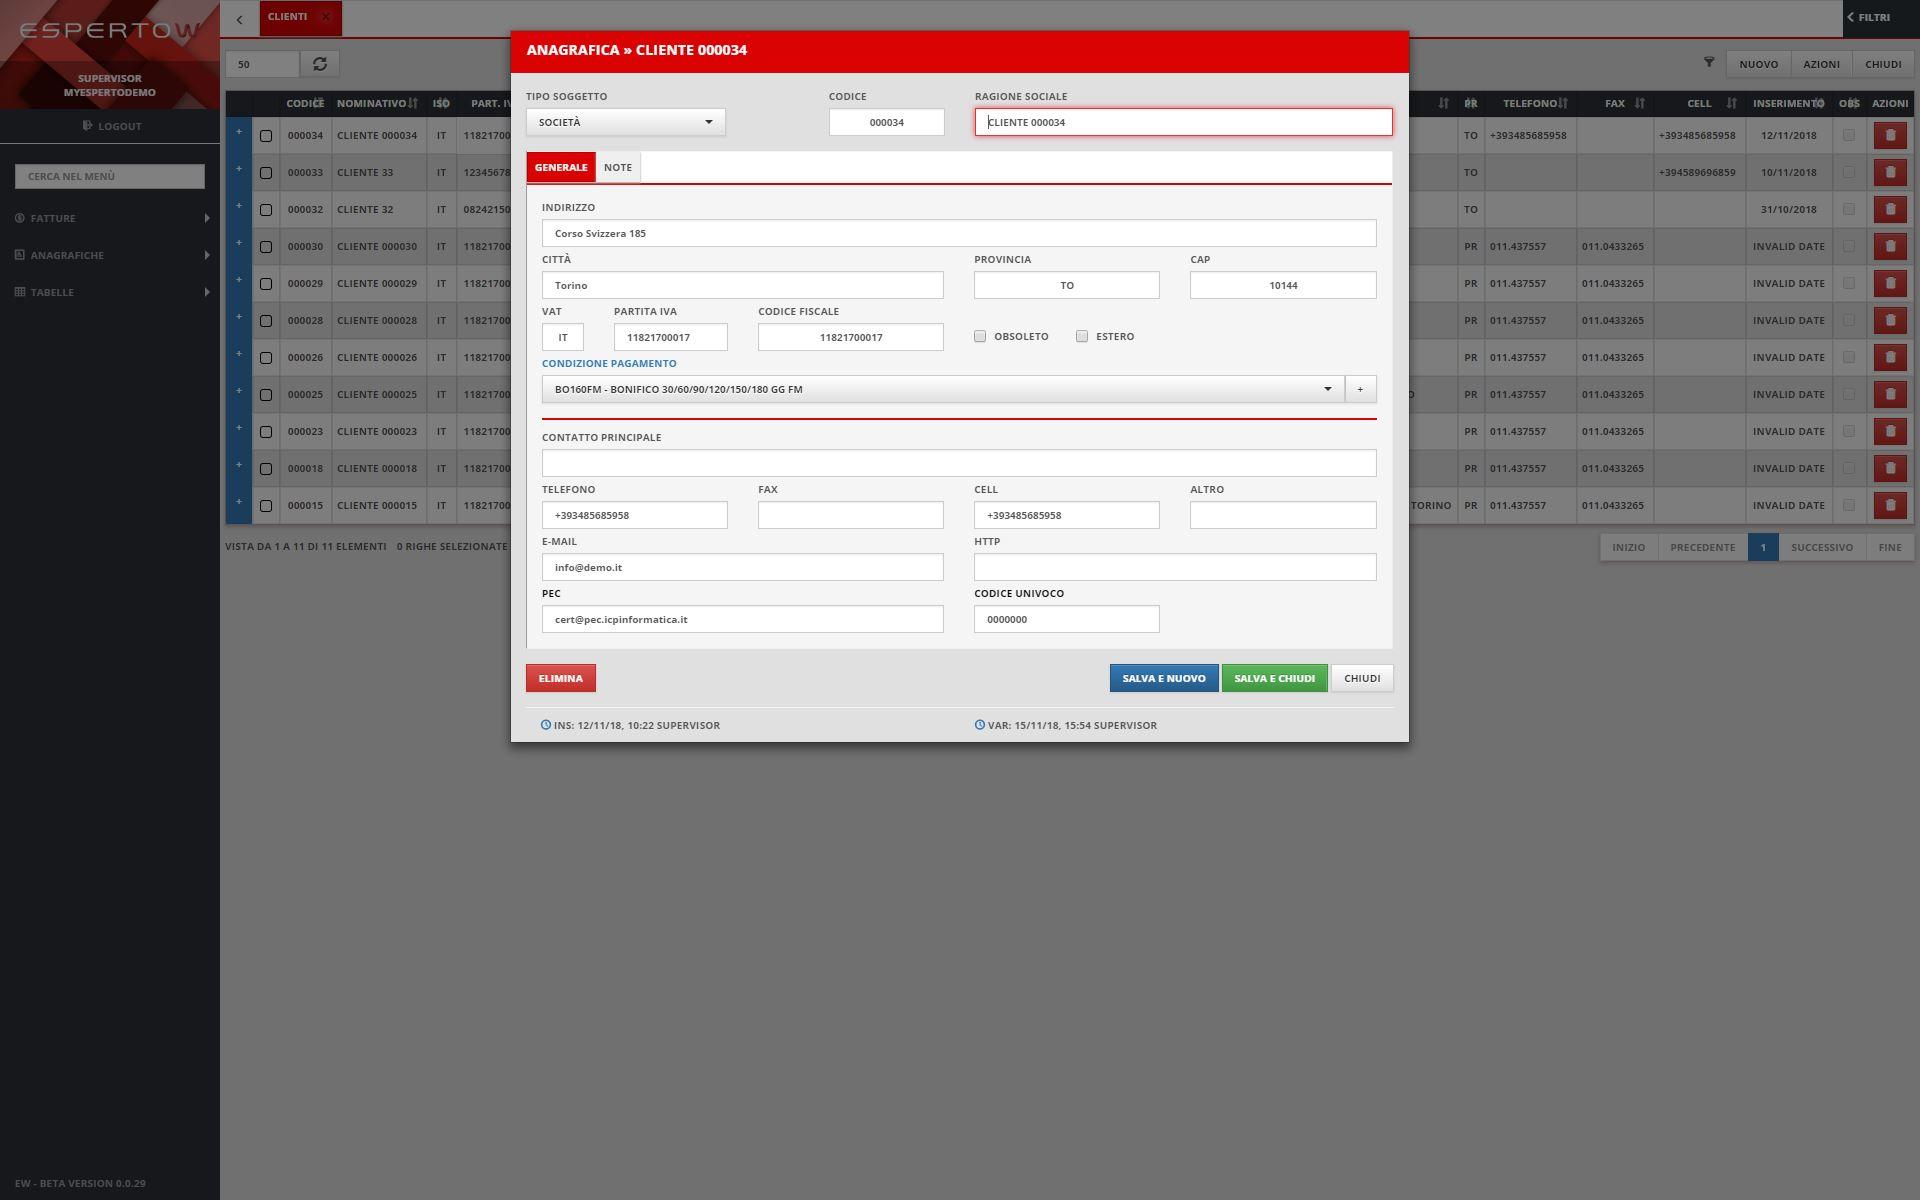 2 - Anagrafica Clienti / Fornitori